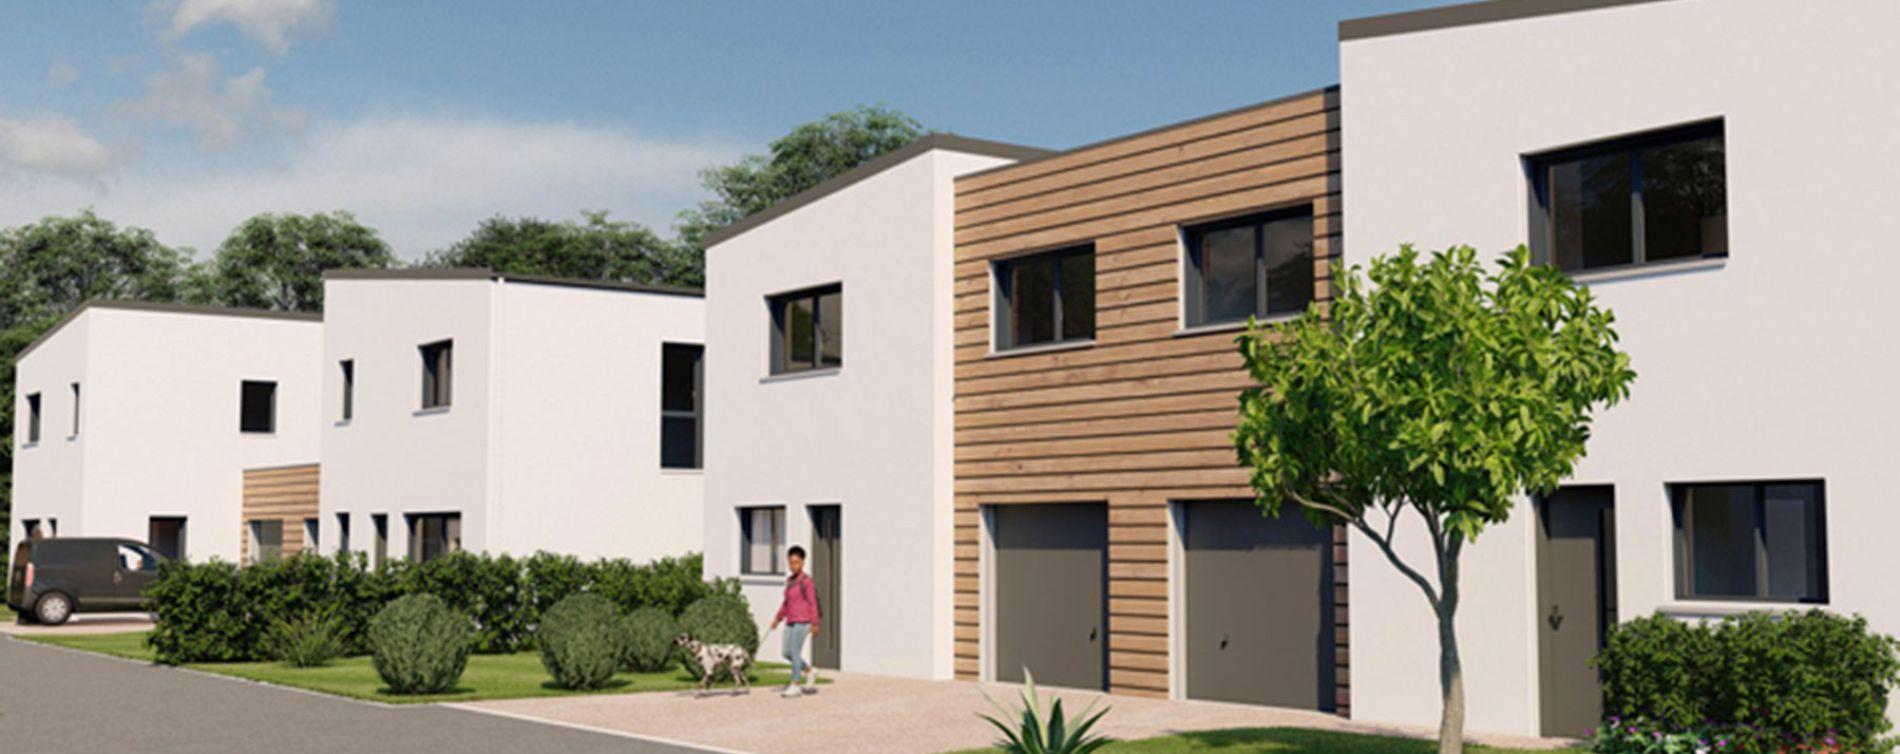 Saint-Sylvain-d'Anjou : programme immobilier neuve « Les Rives de l'Èpervière » (3)